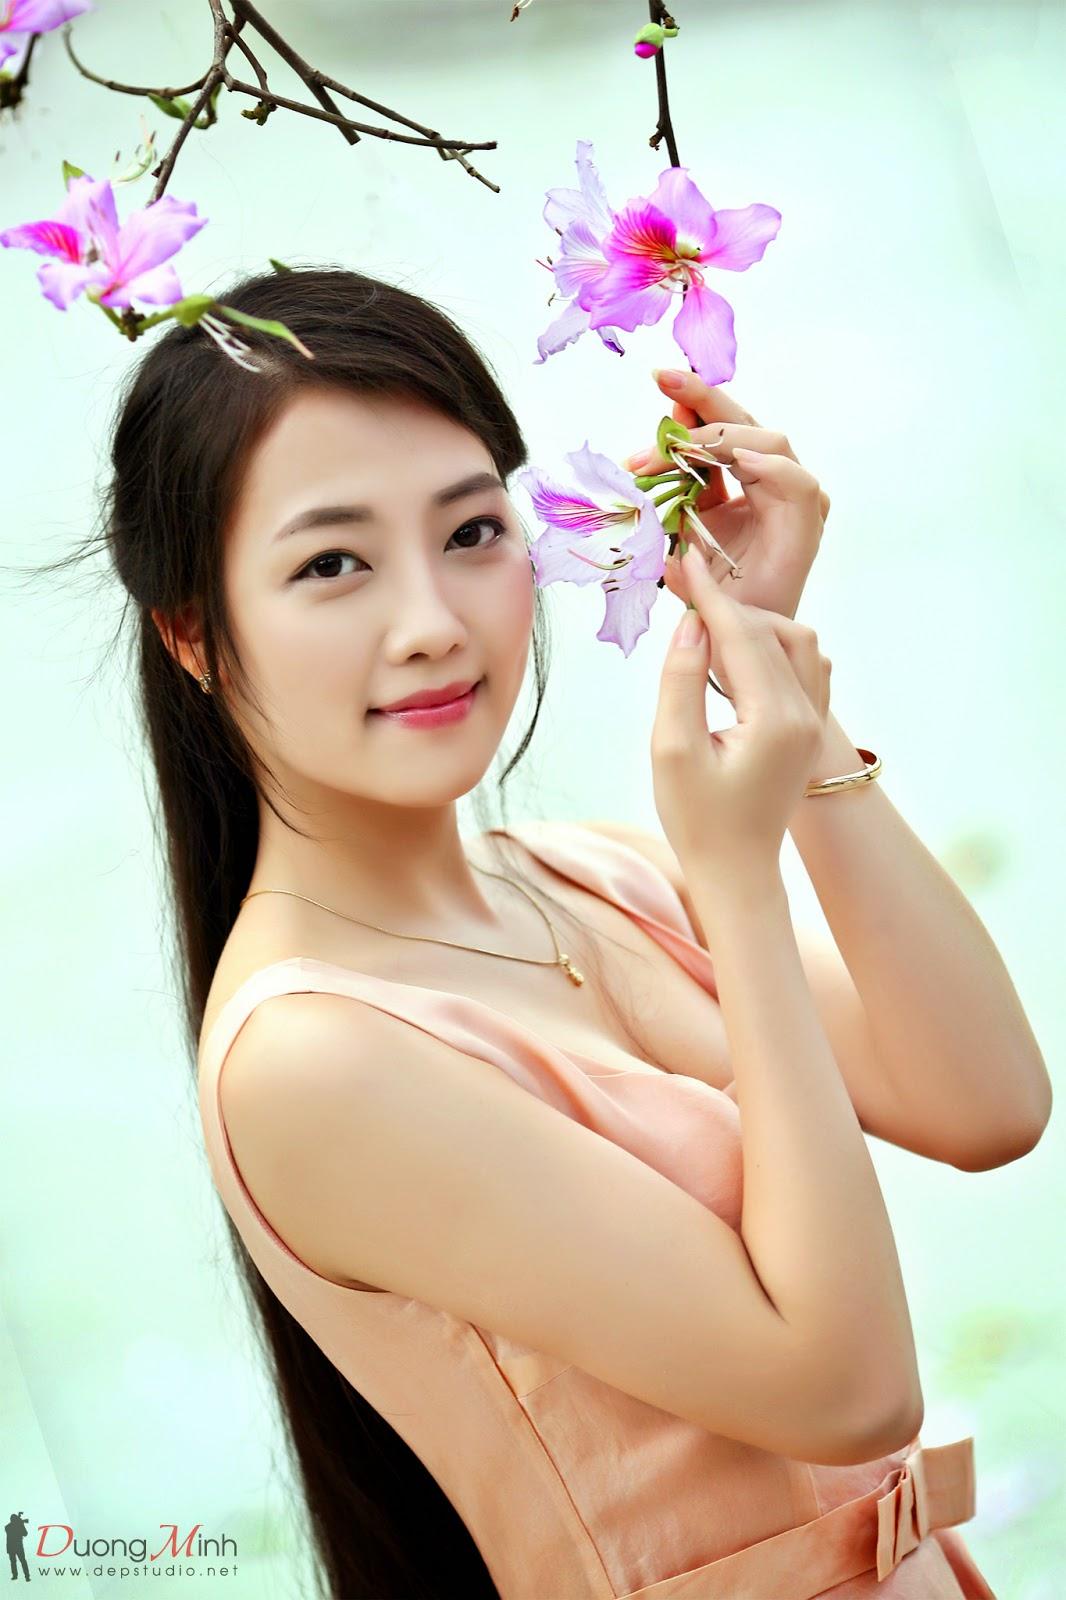 Hình đẹp thiếu nữ bên hoa ban - Ngô ngá